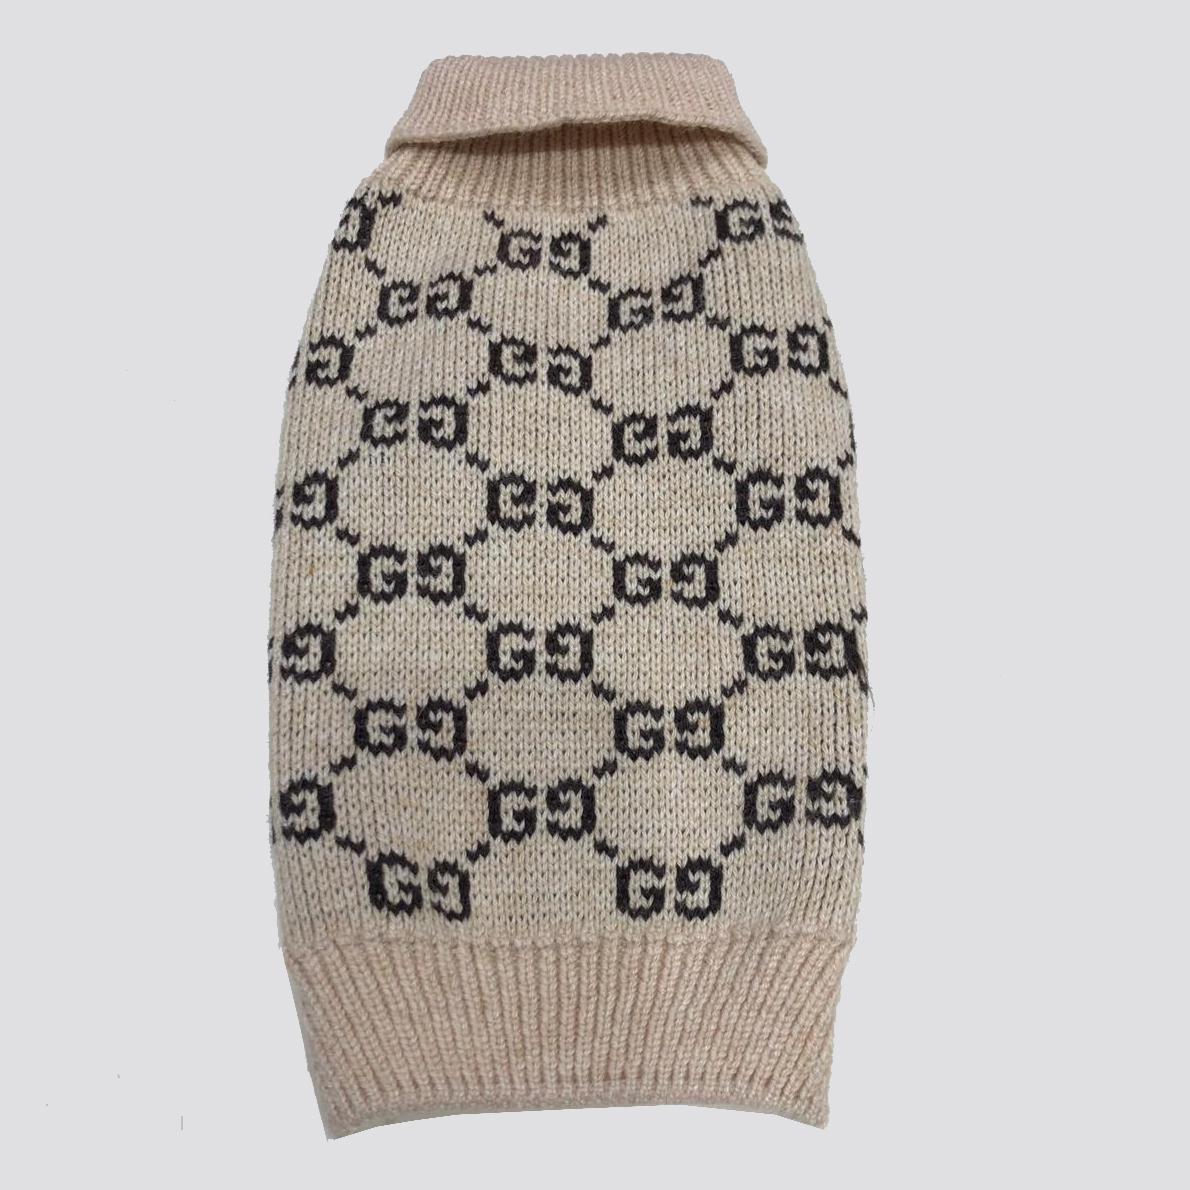 купить свитер для маленькой собачки в москве